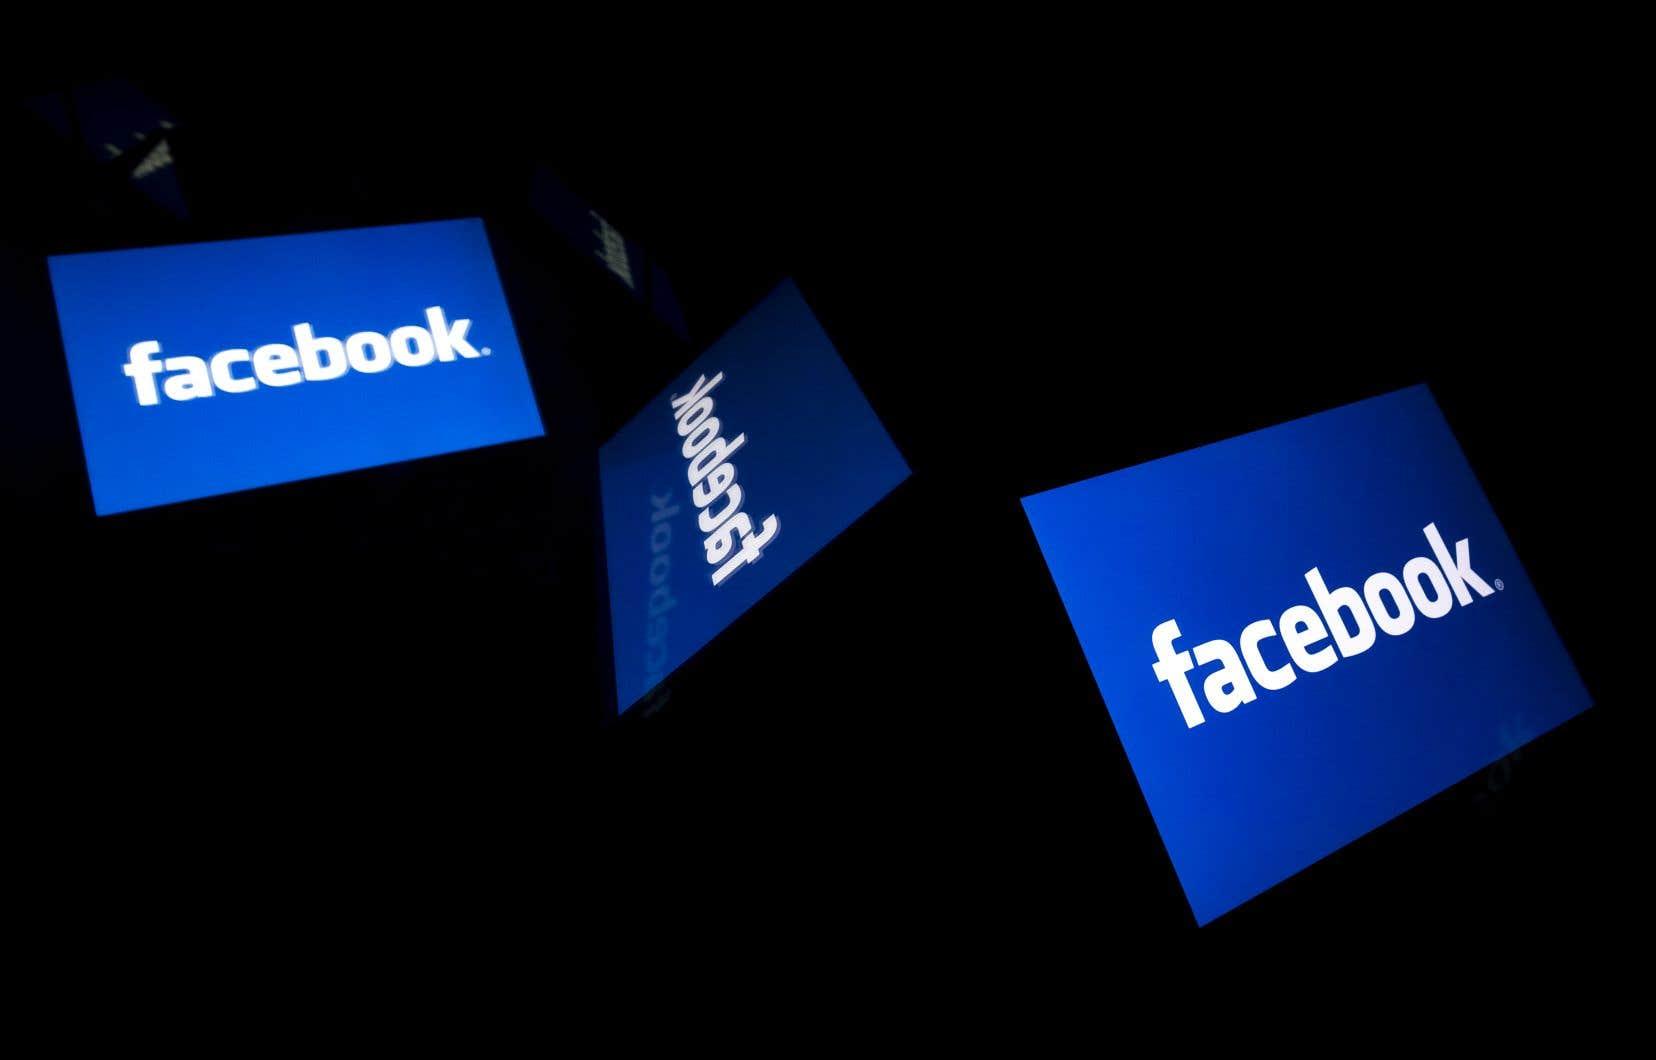 Facebooka été particulièrement critiquée pour avoir laissé se propager des campagnes d'influence massives, principalement orchestrées depuis la Russie, lors de l'élection présidentielle de 2016.